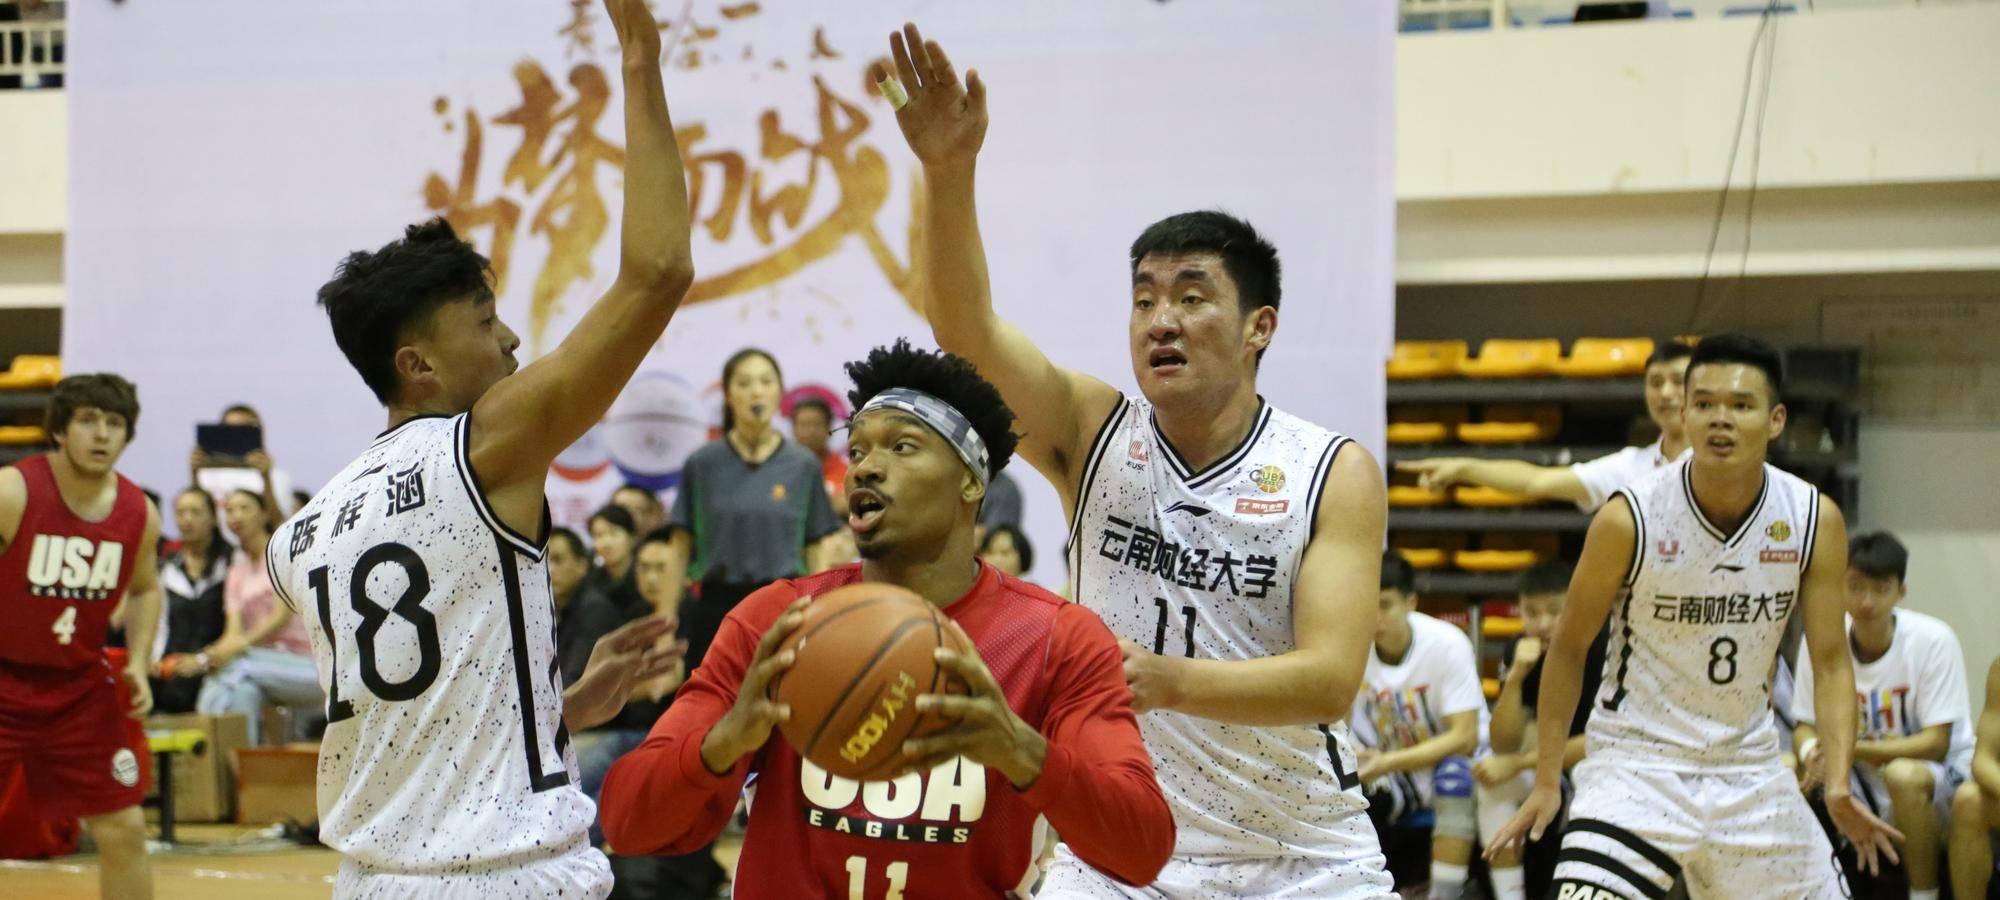 云南省校园篮球指定用球